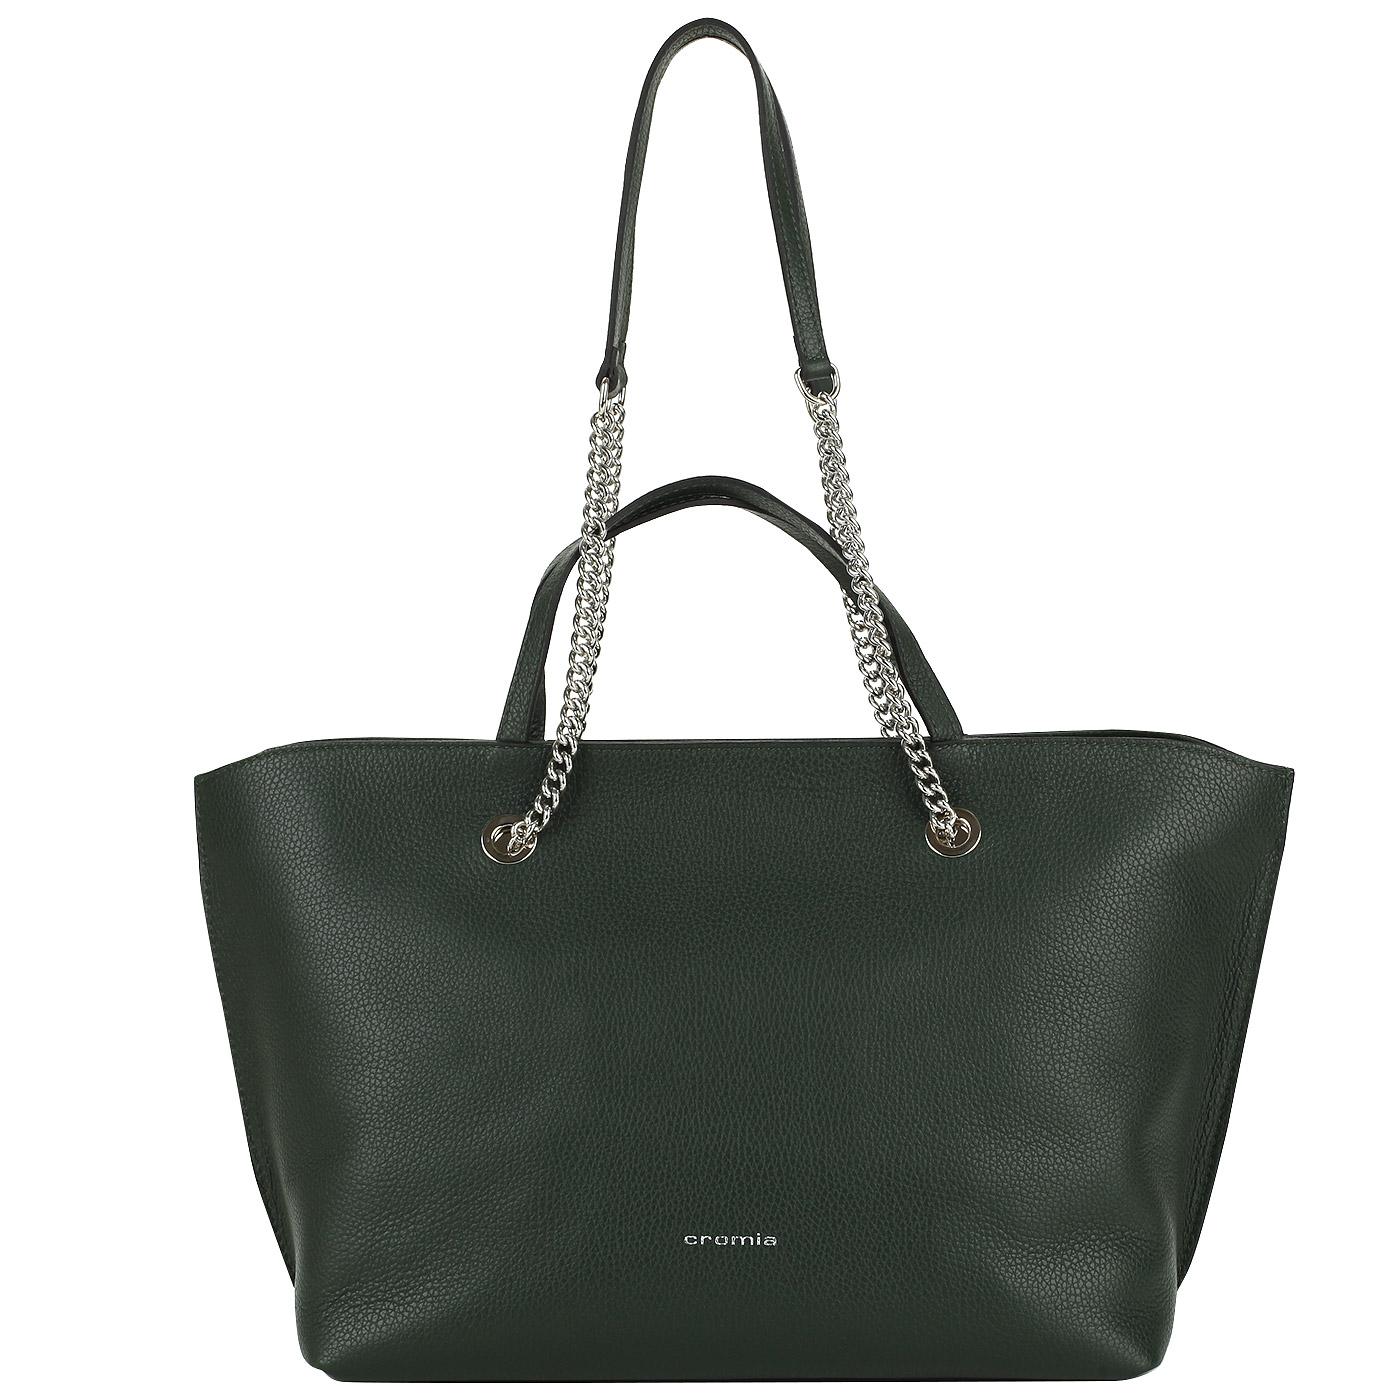 f41265079266 Вместительная кожаная сумка Cromia Corinna Вместительная кожаная сумка  Cromia Corinna ...